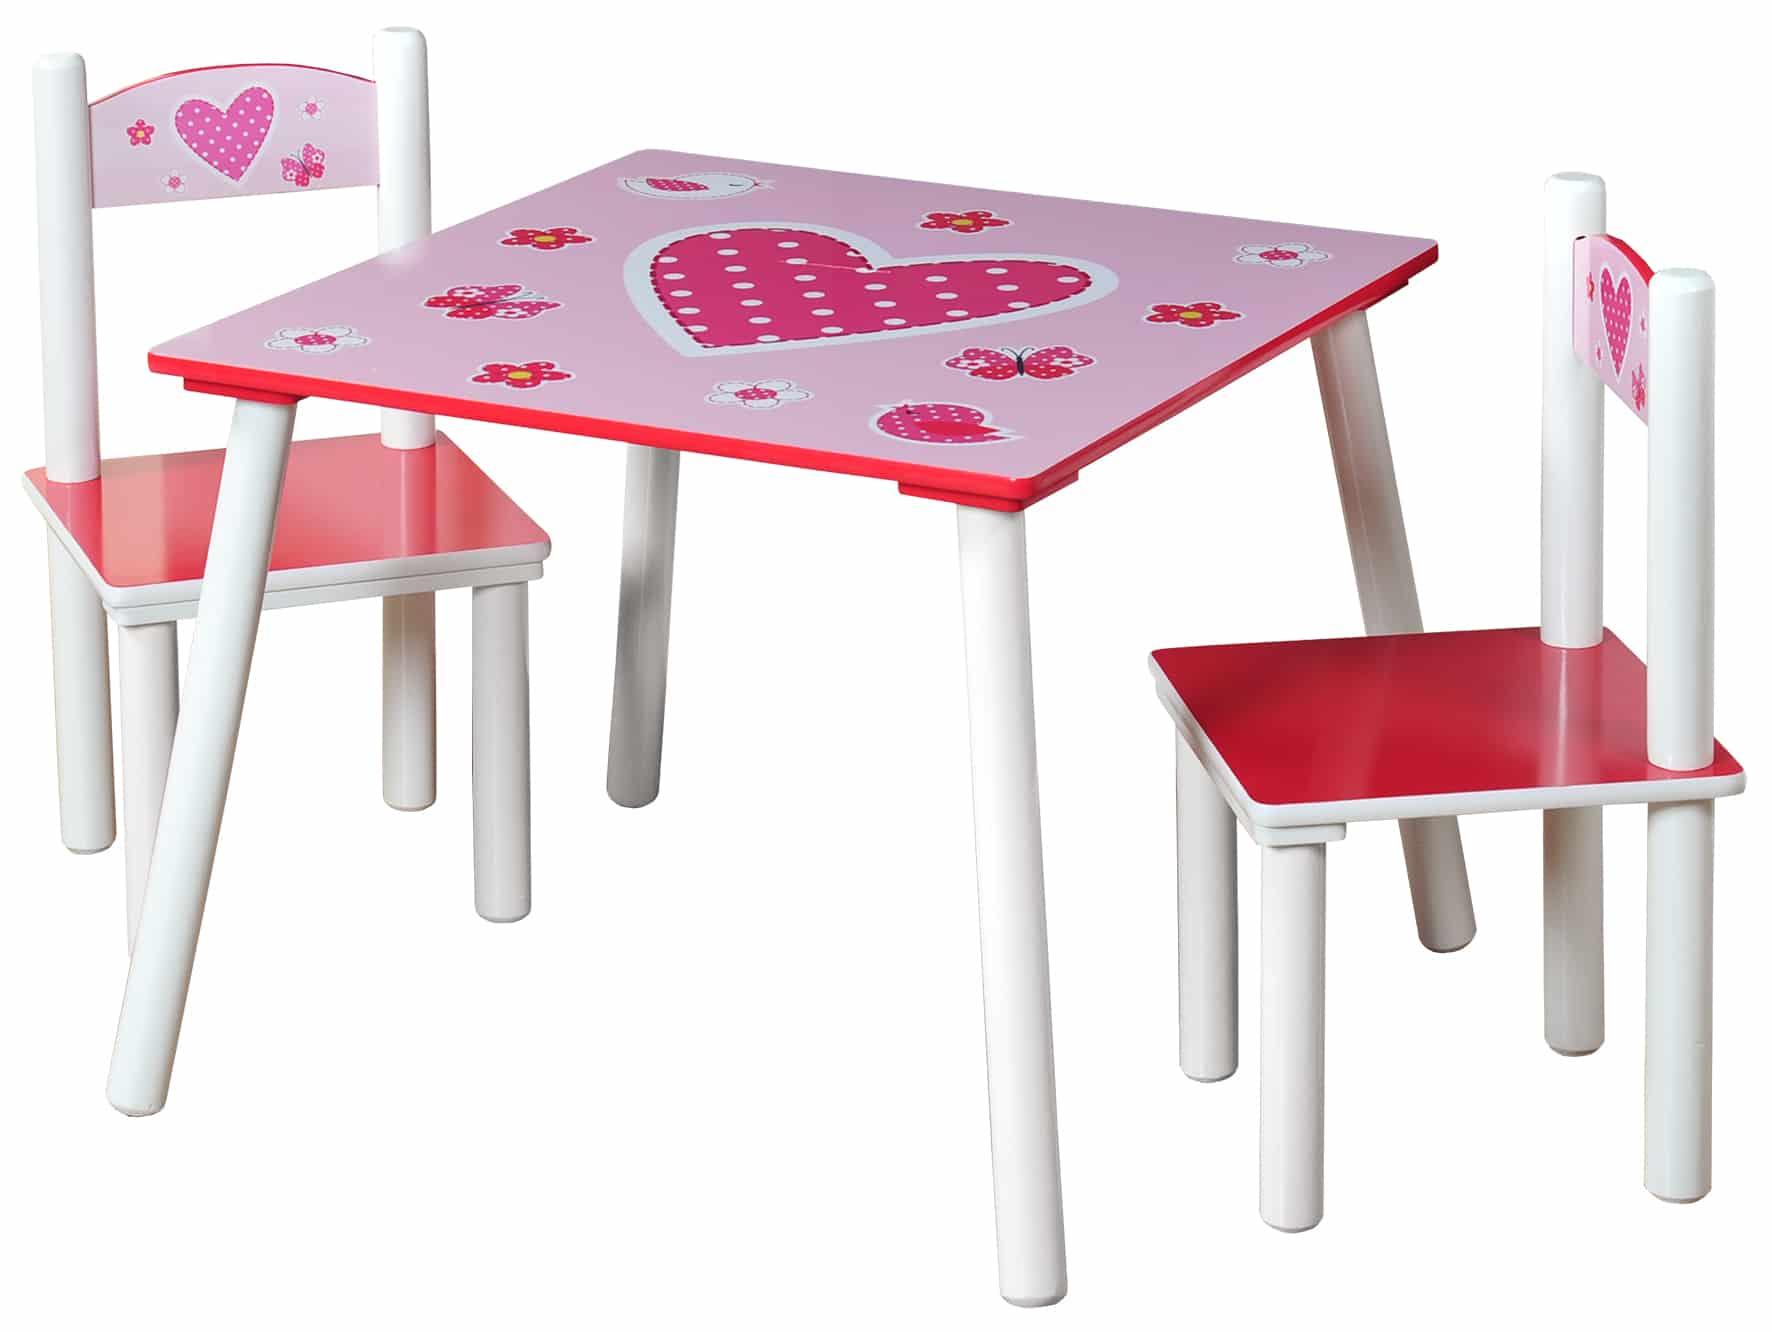 Stevige Kindertafelset met 2 stoelen hartjes motief - Roze/Wit